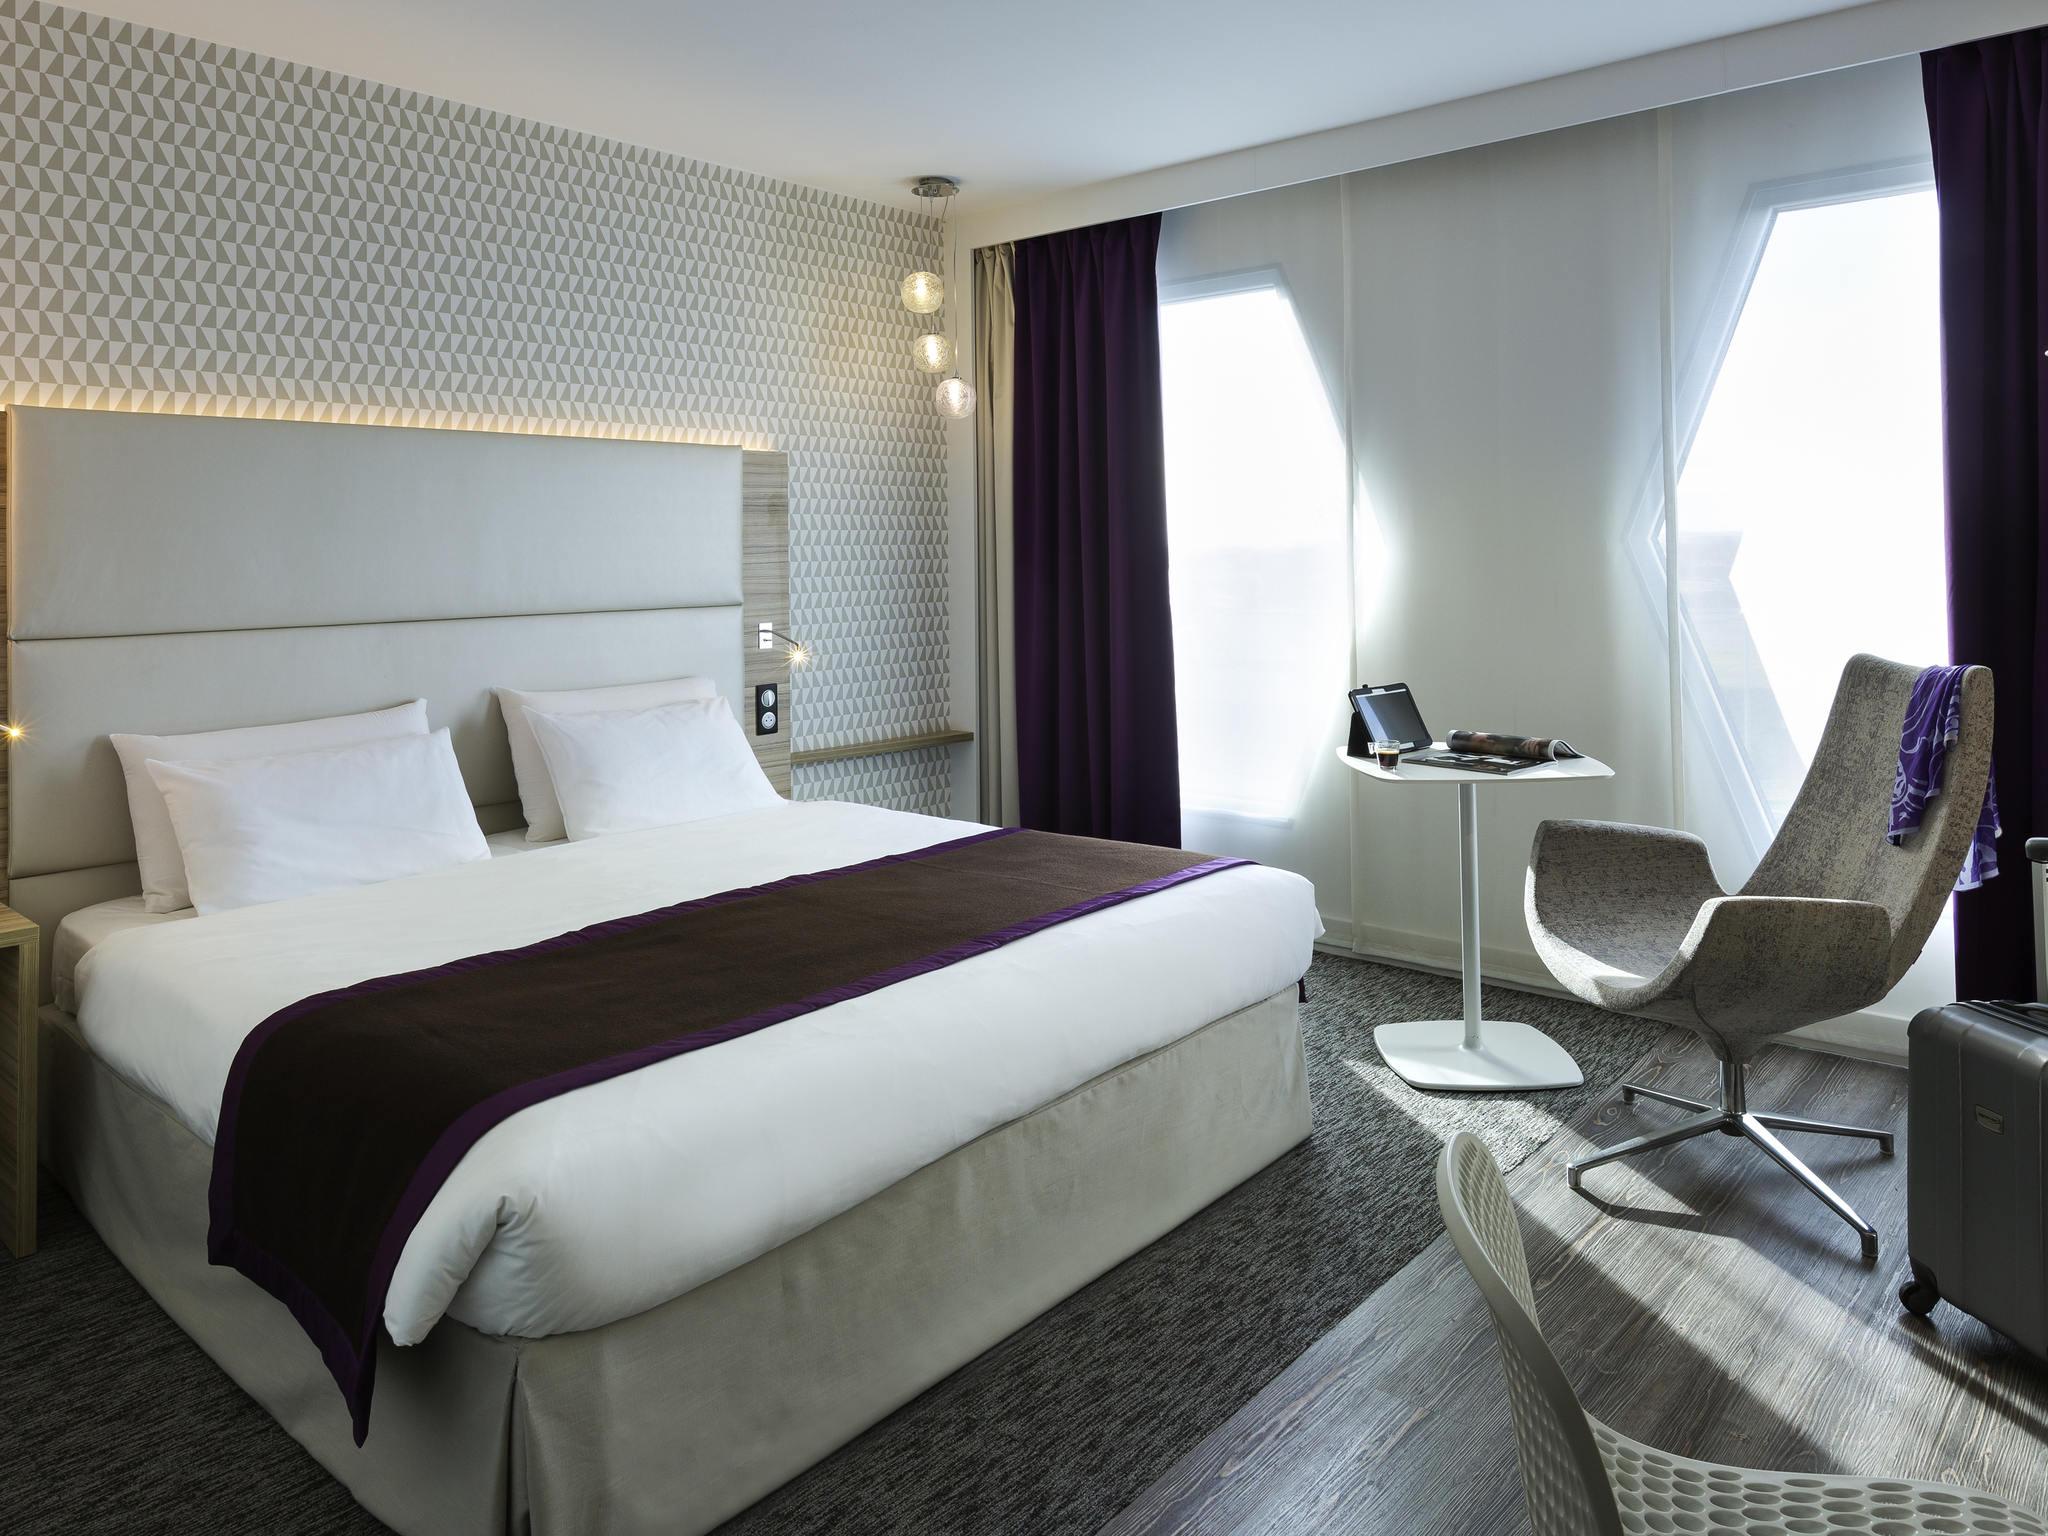 酒店 – 巴黎奥利朗吉美居酒店(机场店)